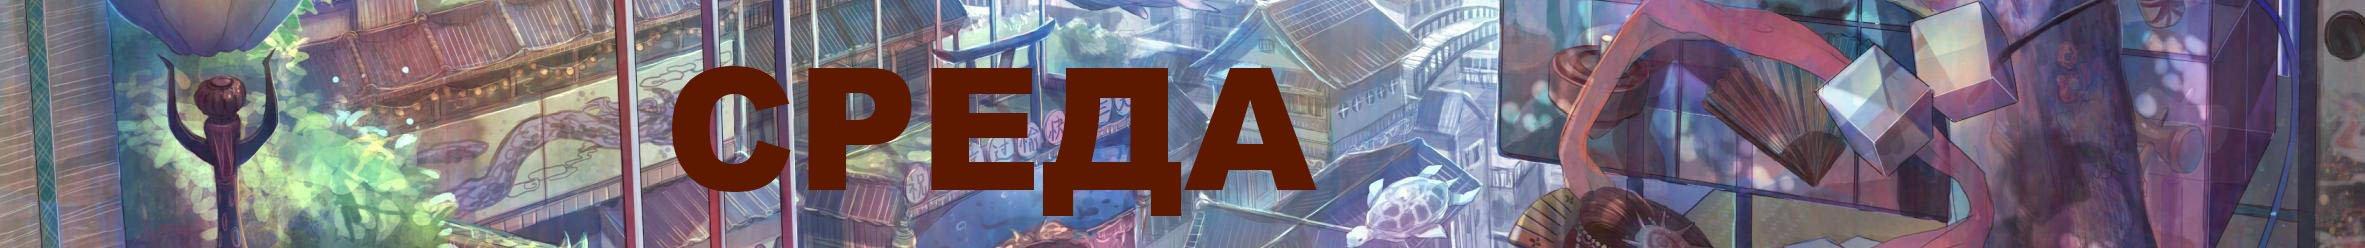 Все, что вы хотели знать об аниме осени 2014, даже если не хотели (UPD по КГ) - Изображение 4